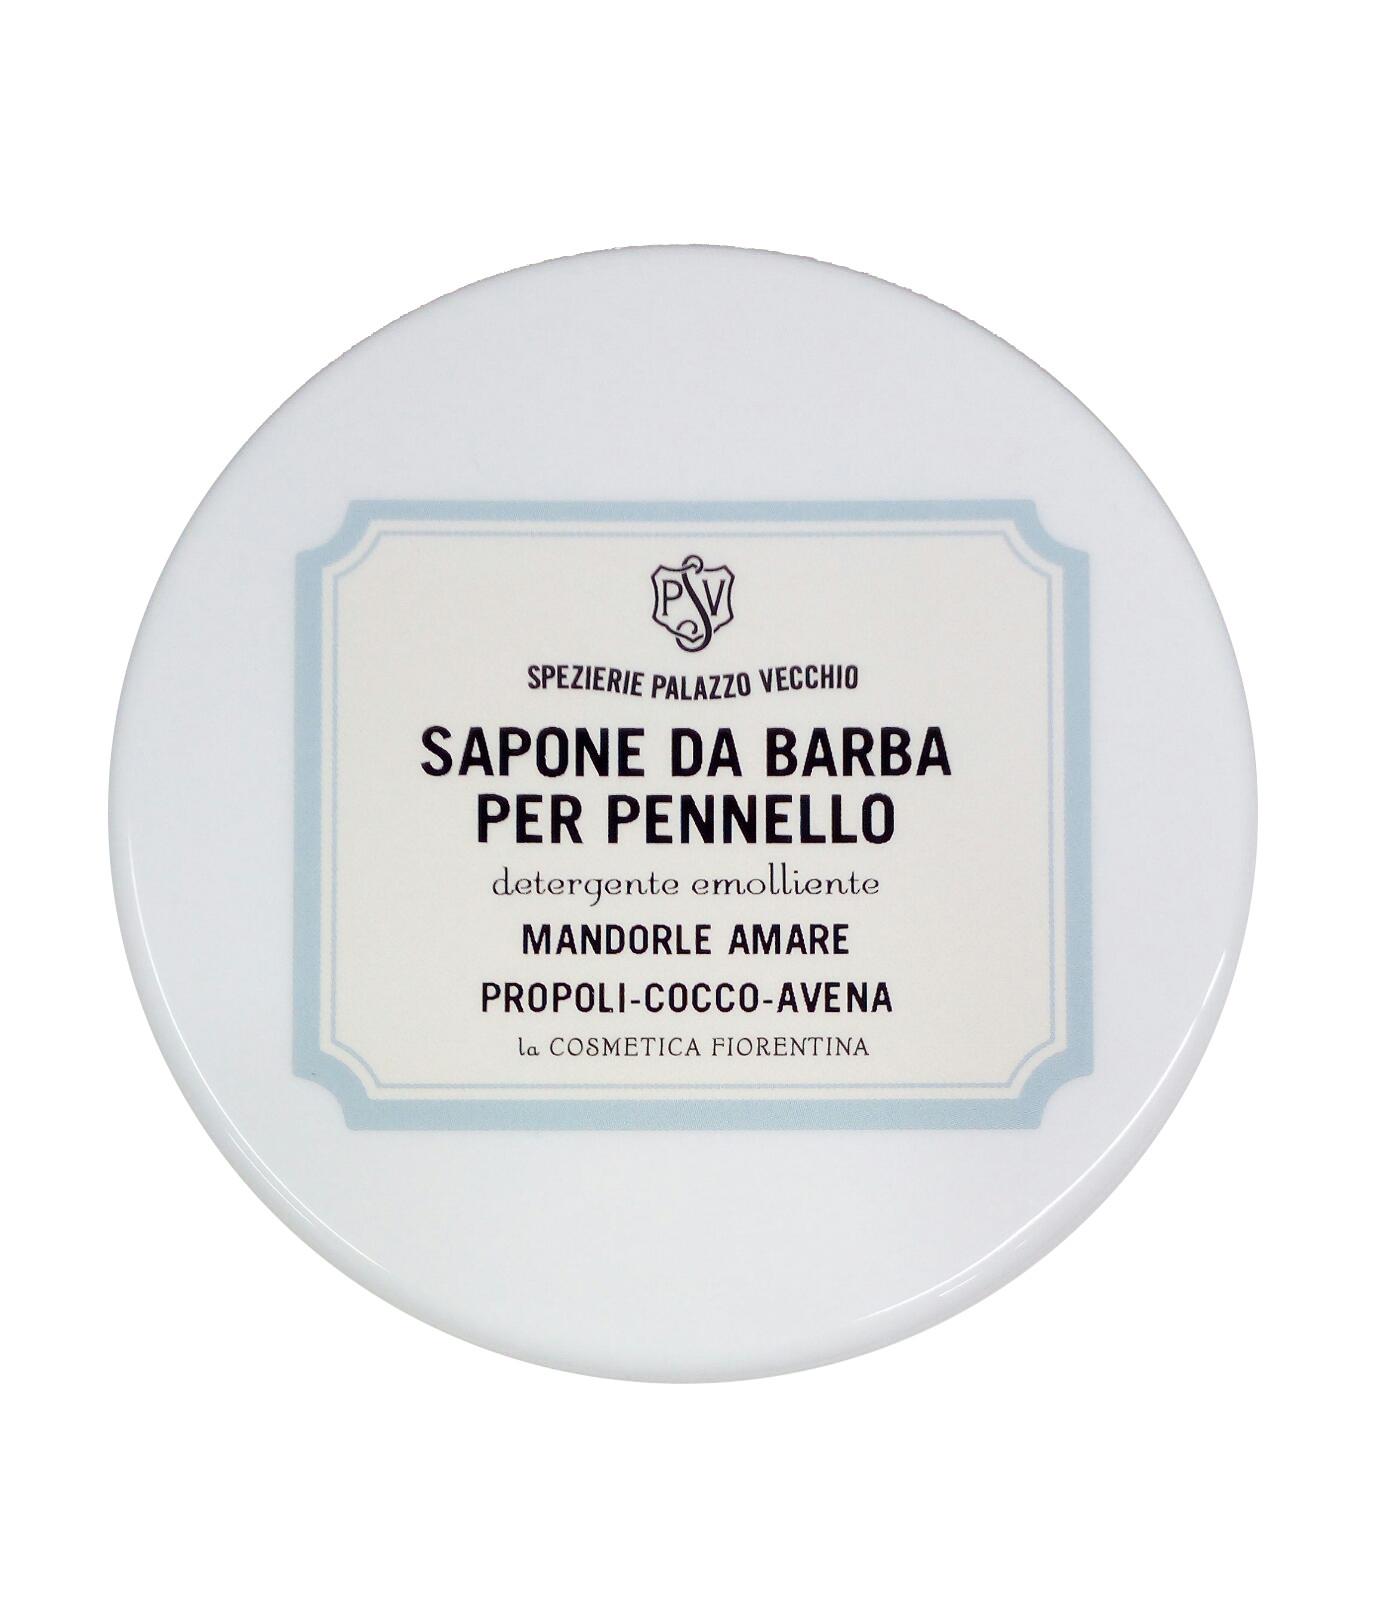 """PROPOLI COCCO AVENA - SAPONE DA BARBA """"PENNELLO"""" - VEGETABLE SHAVING SOAP-0"""